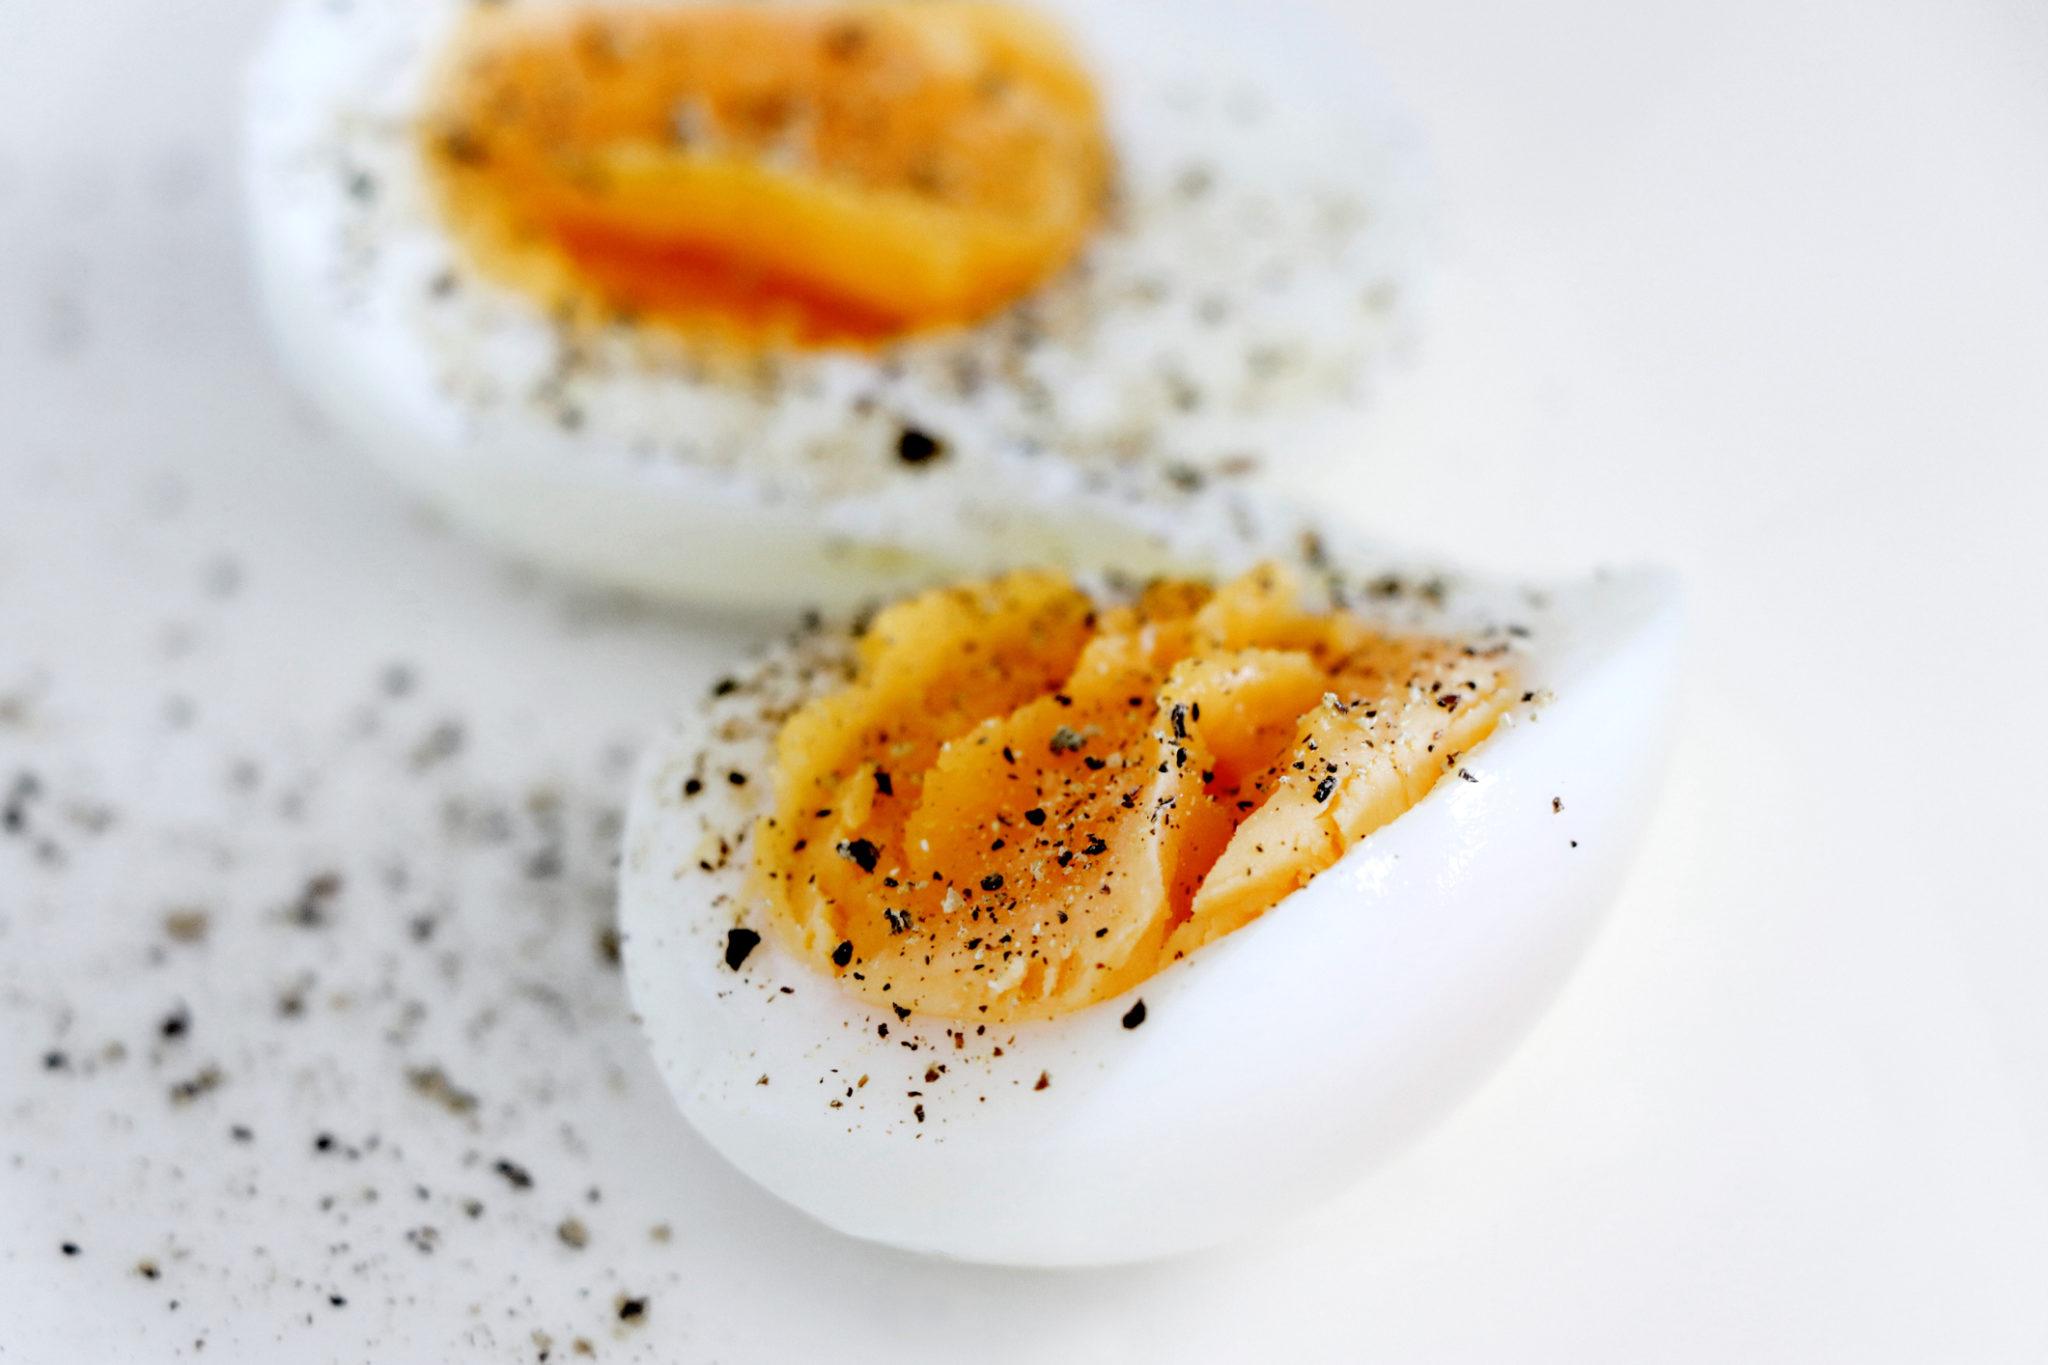 foods high in phosphorus- eggs